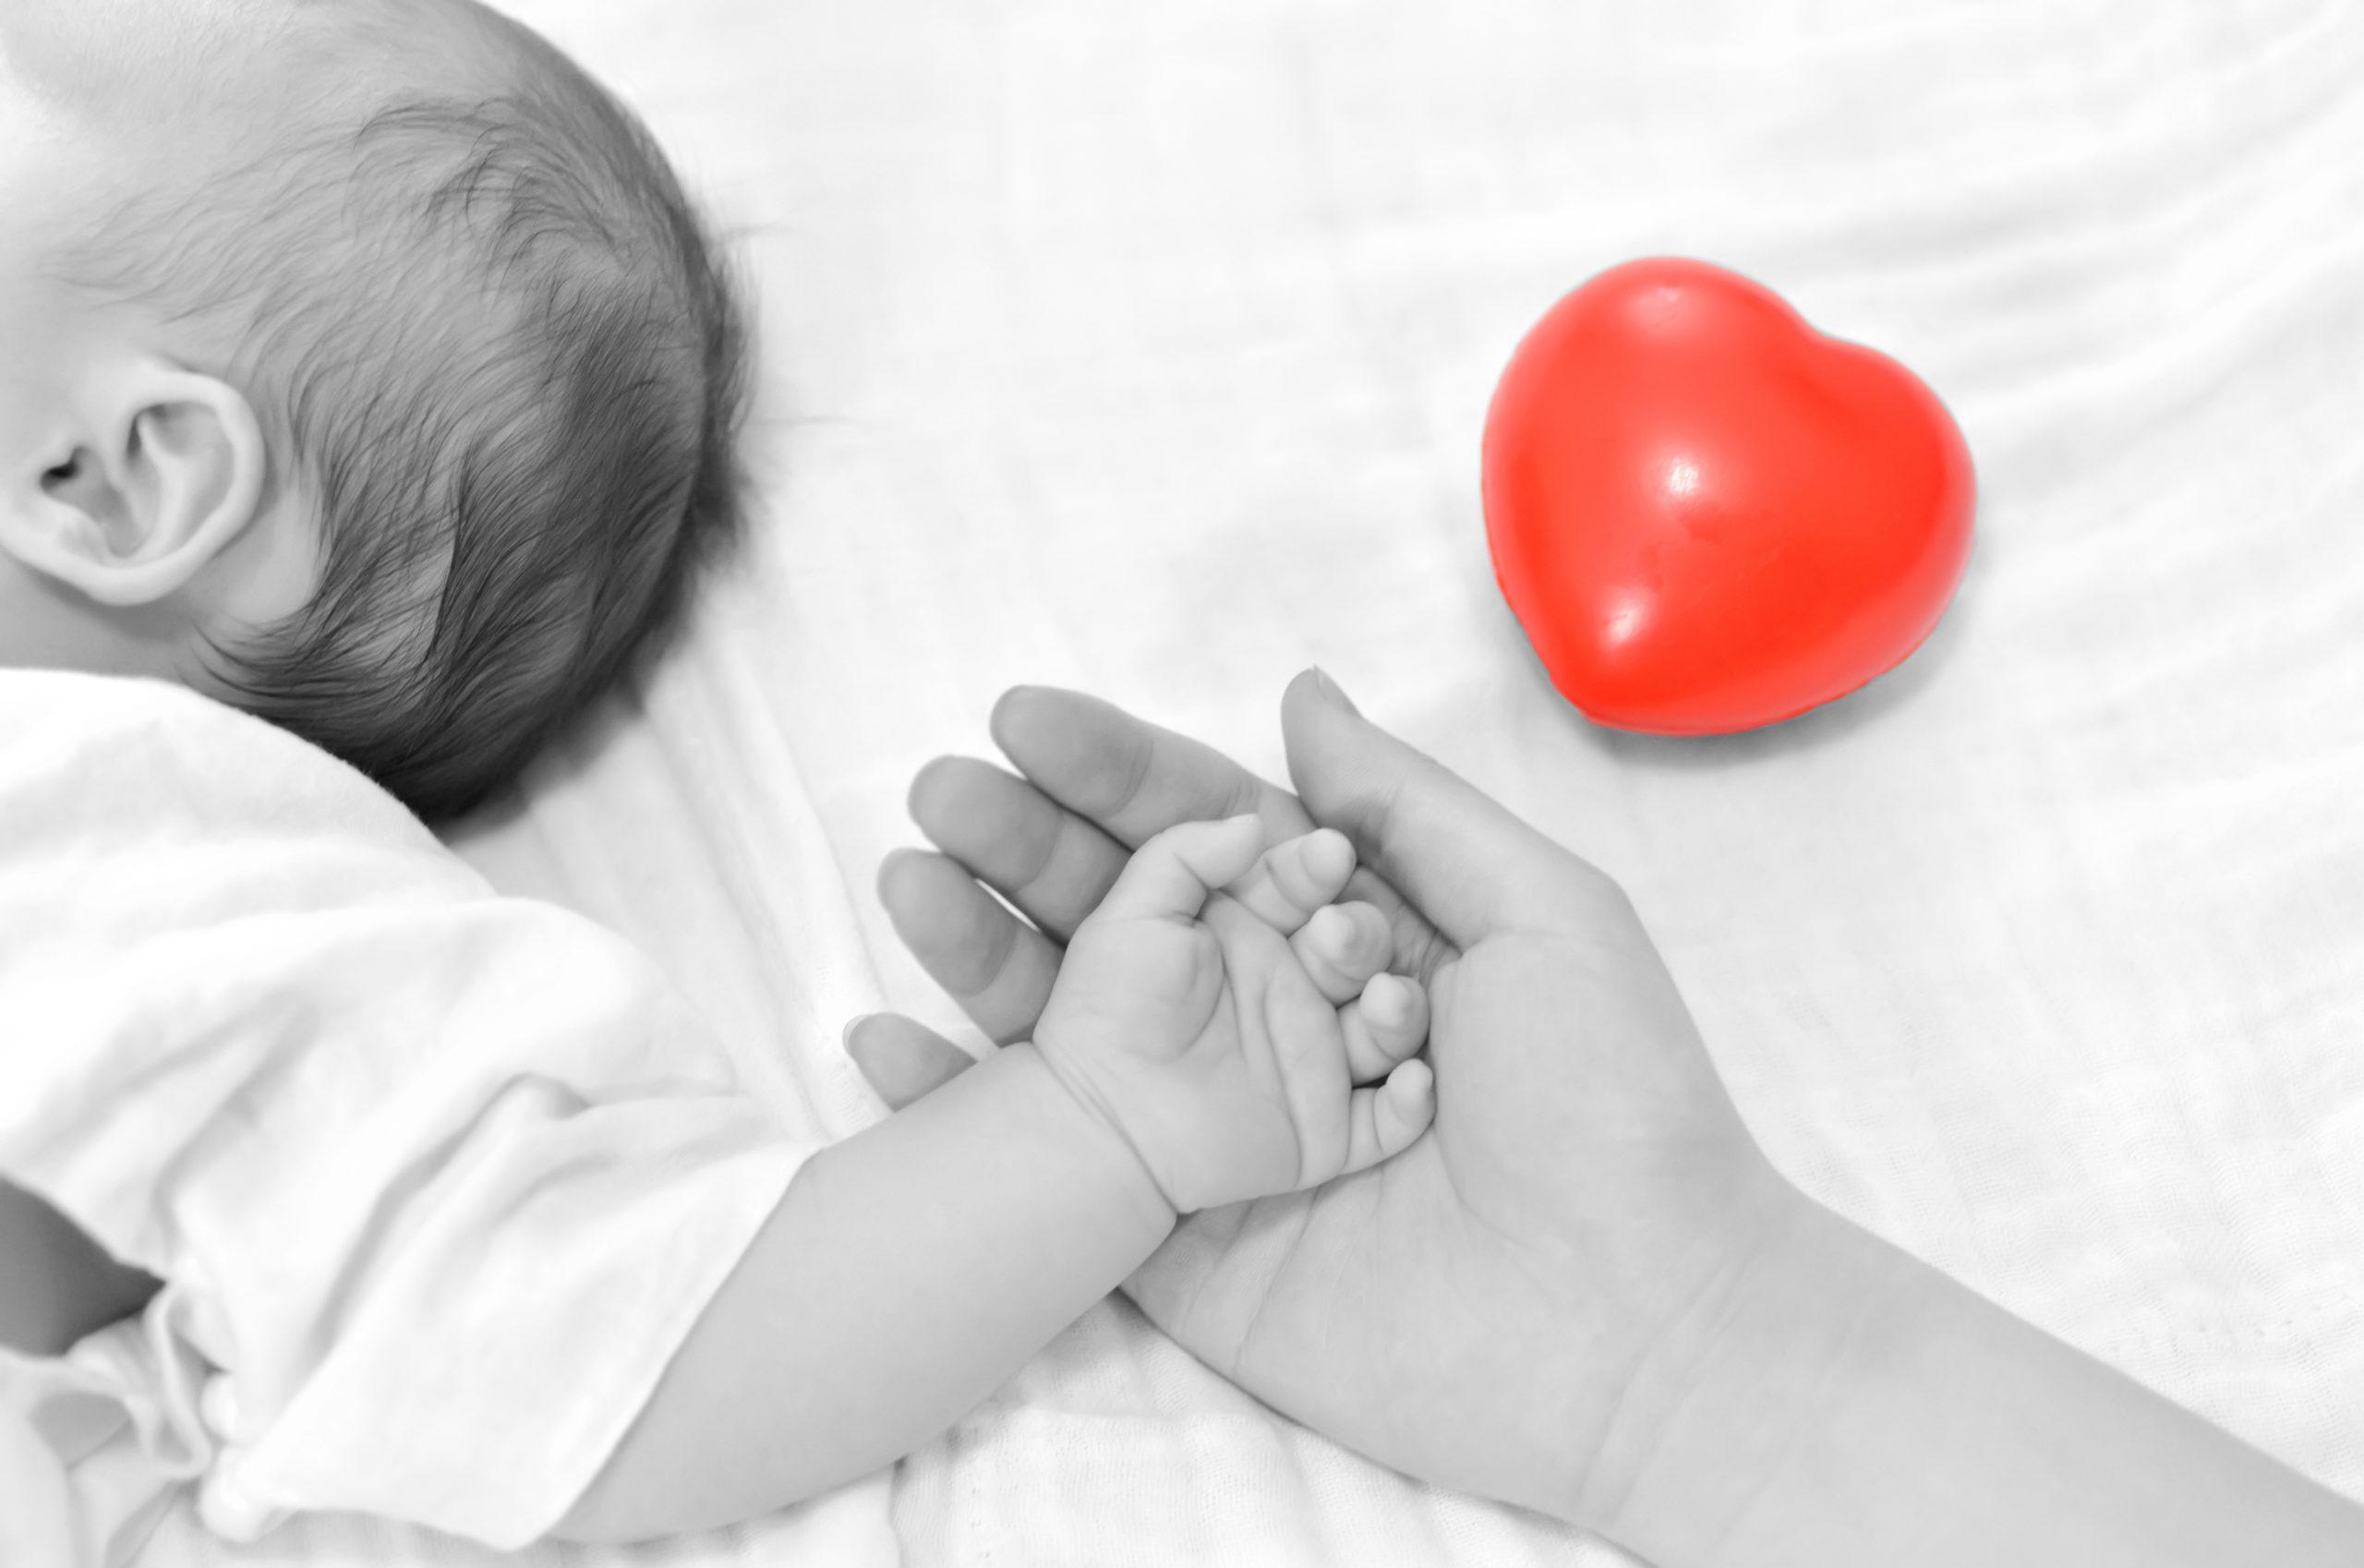 הפרושים שנותנות אמהות להתנהגות תינוקותיהן במהלך תקשורת